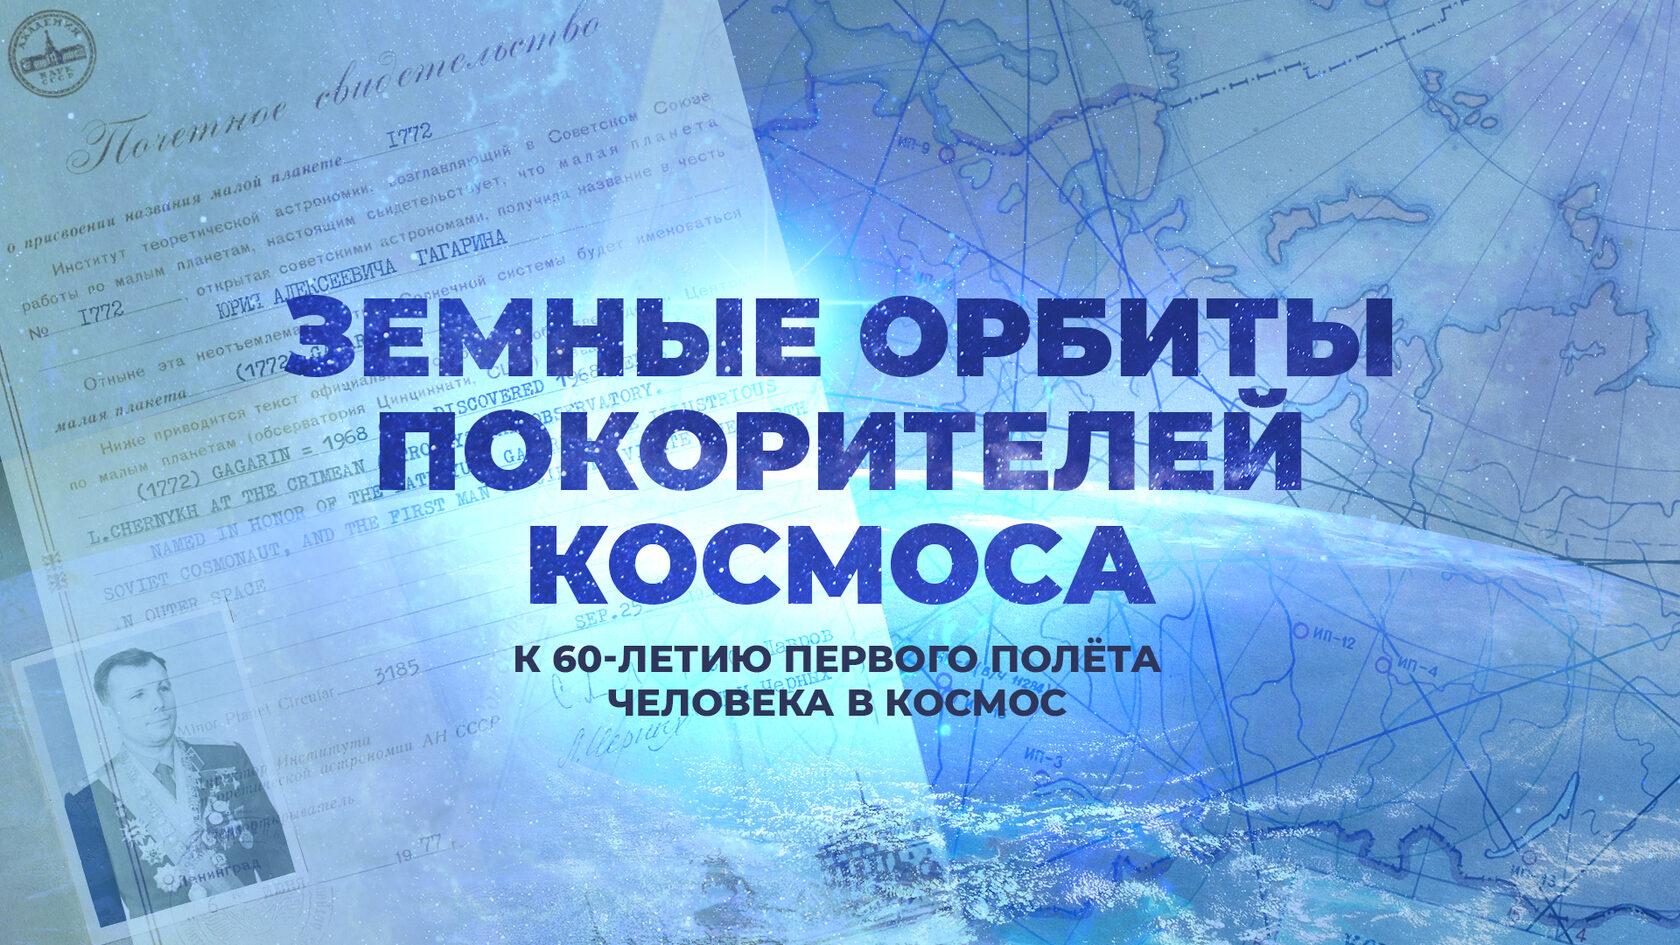 Земные орбиты покорителей космоса.Юрий Гагарин